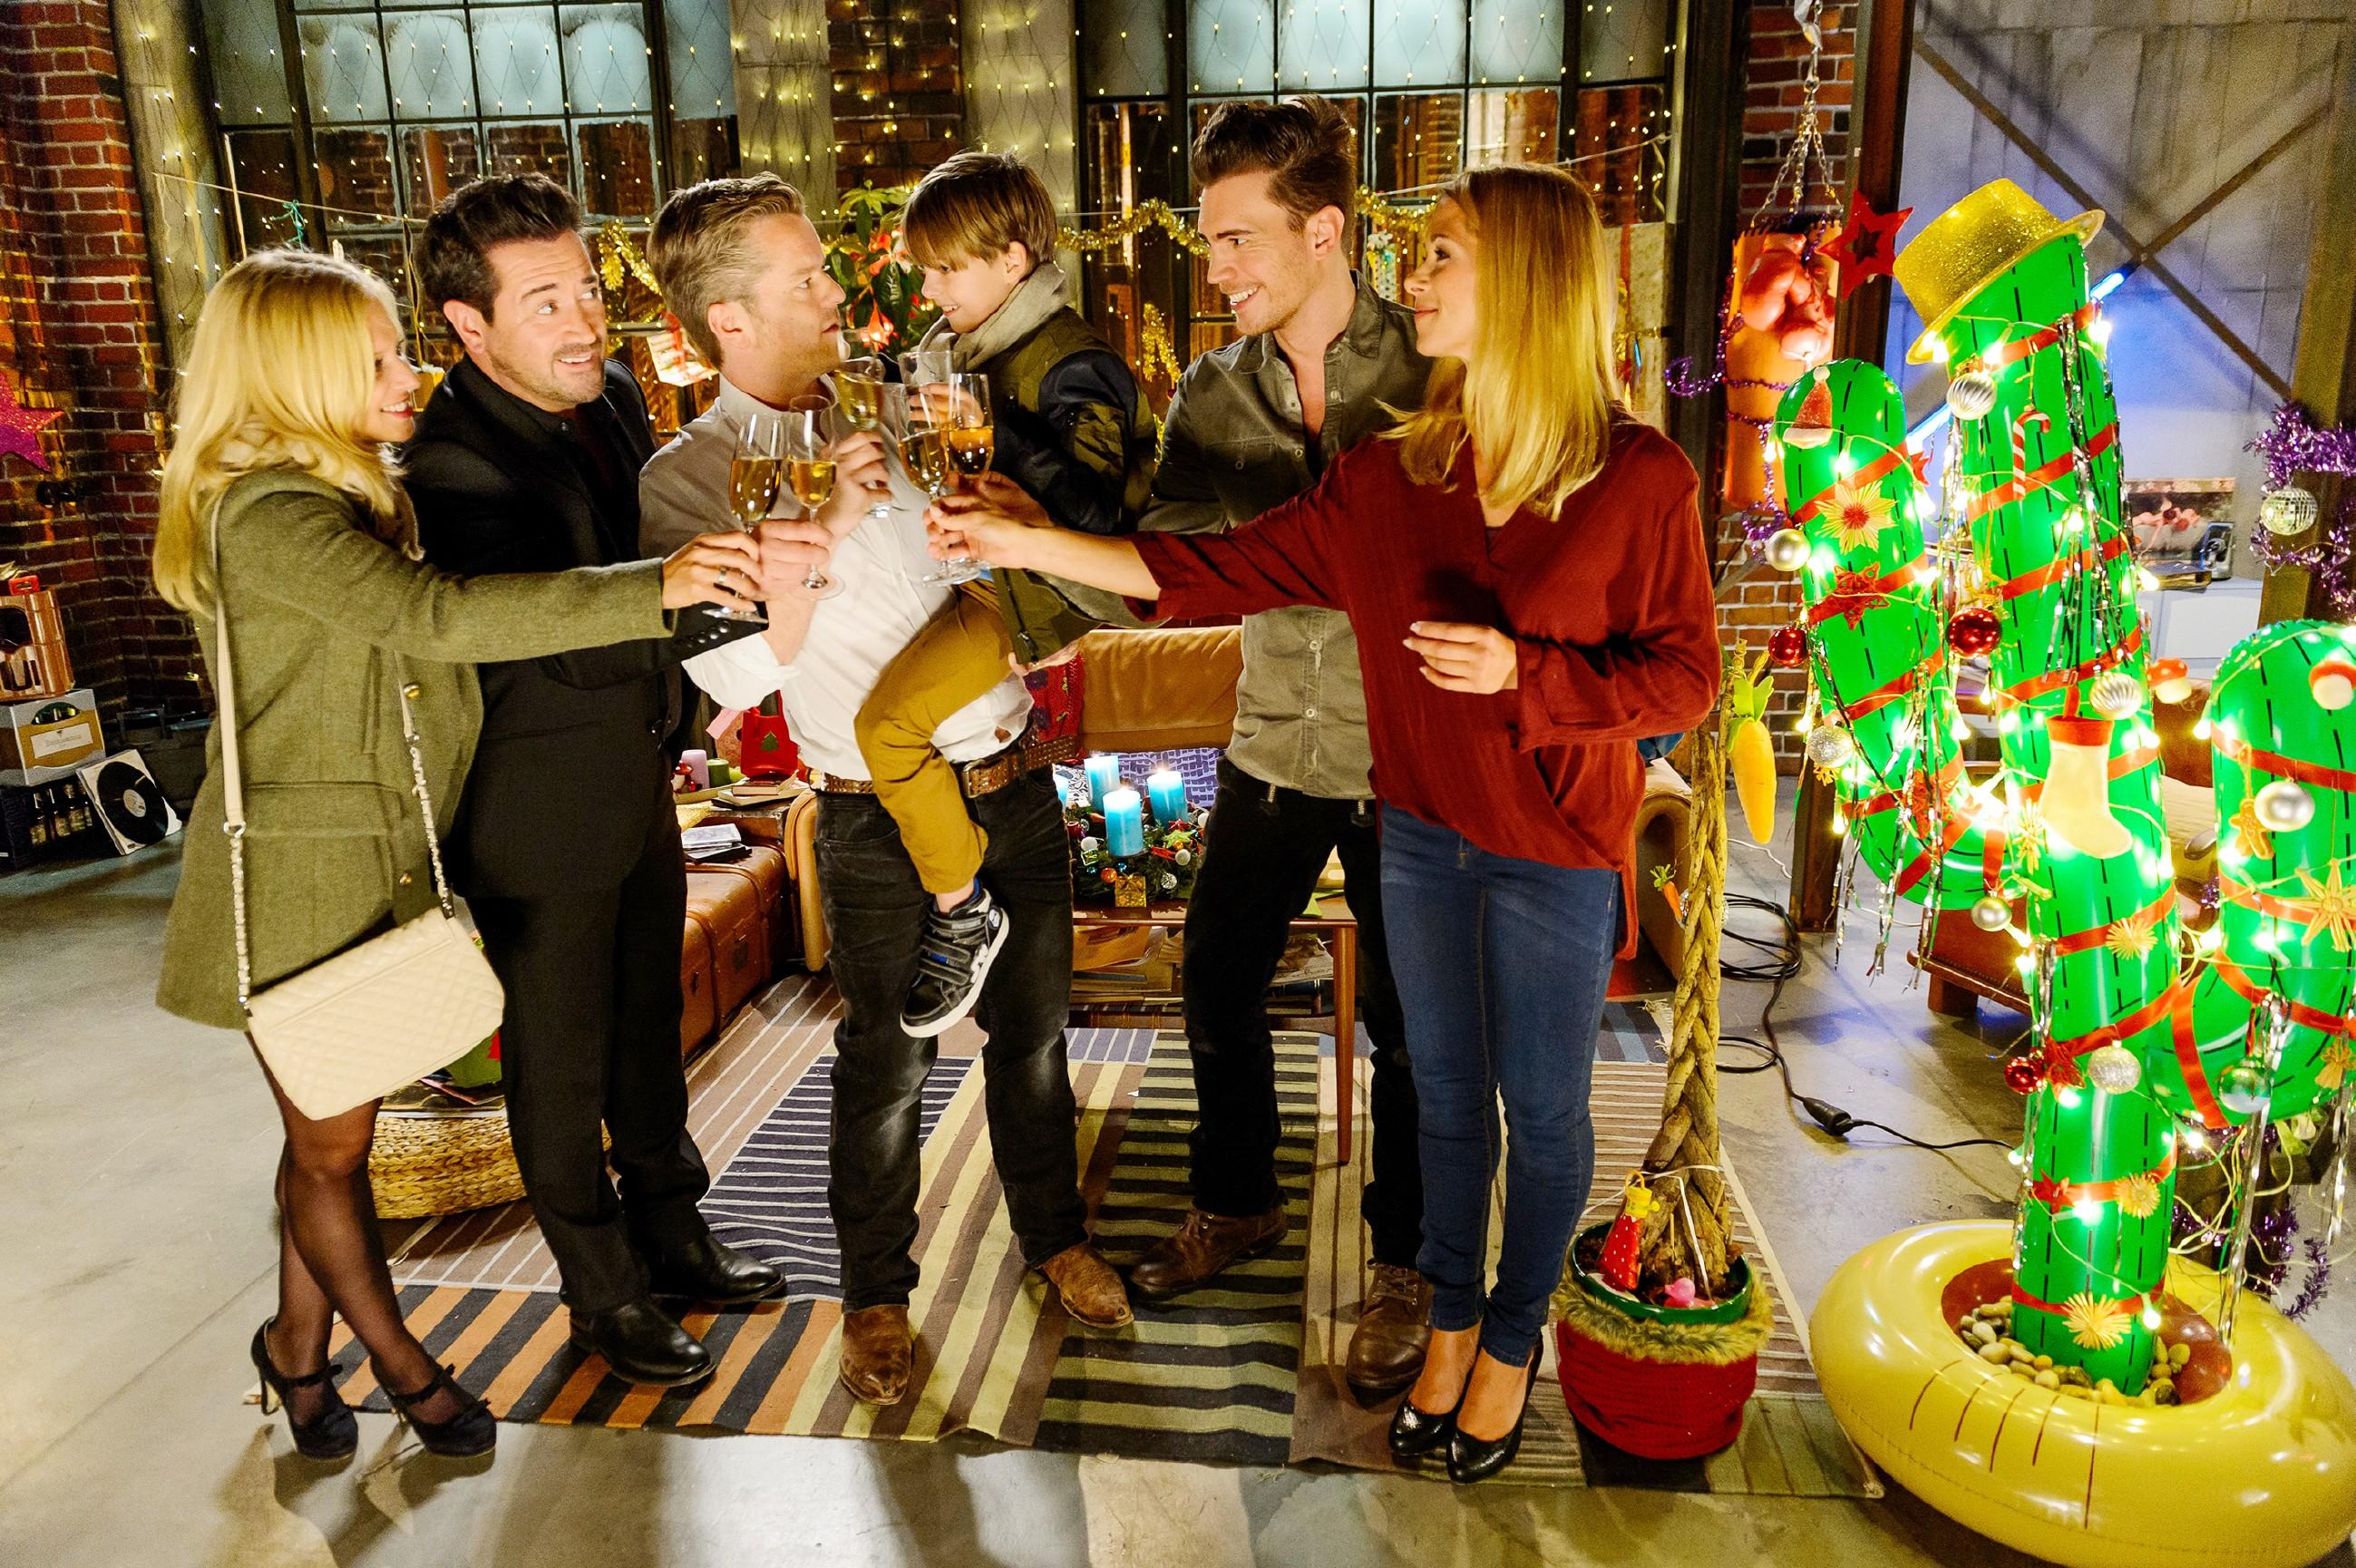 Trotz Plastik-Kaktus statt Tannenbaum wird das vorgezogene Weihnachtsfest ein voller Erfolg: Ausgelassen stoßen (v.l.) Lena (Juliette Greco), Marian (Sam Eisenstein), Ingo (André Dietz), Alexander (Ralf-Maximilan Prack), Ronny (Bela Klentze) und Diana (Tanja Szewczenko) auf Weihnachten an. (Quelle: RTL / Willi Weber)